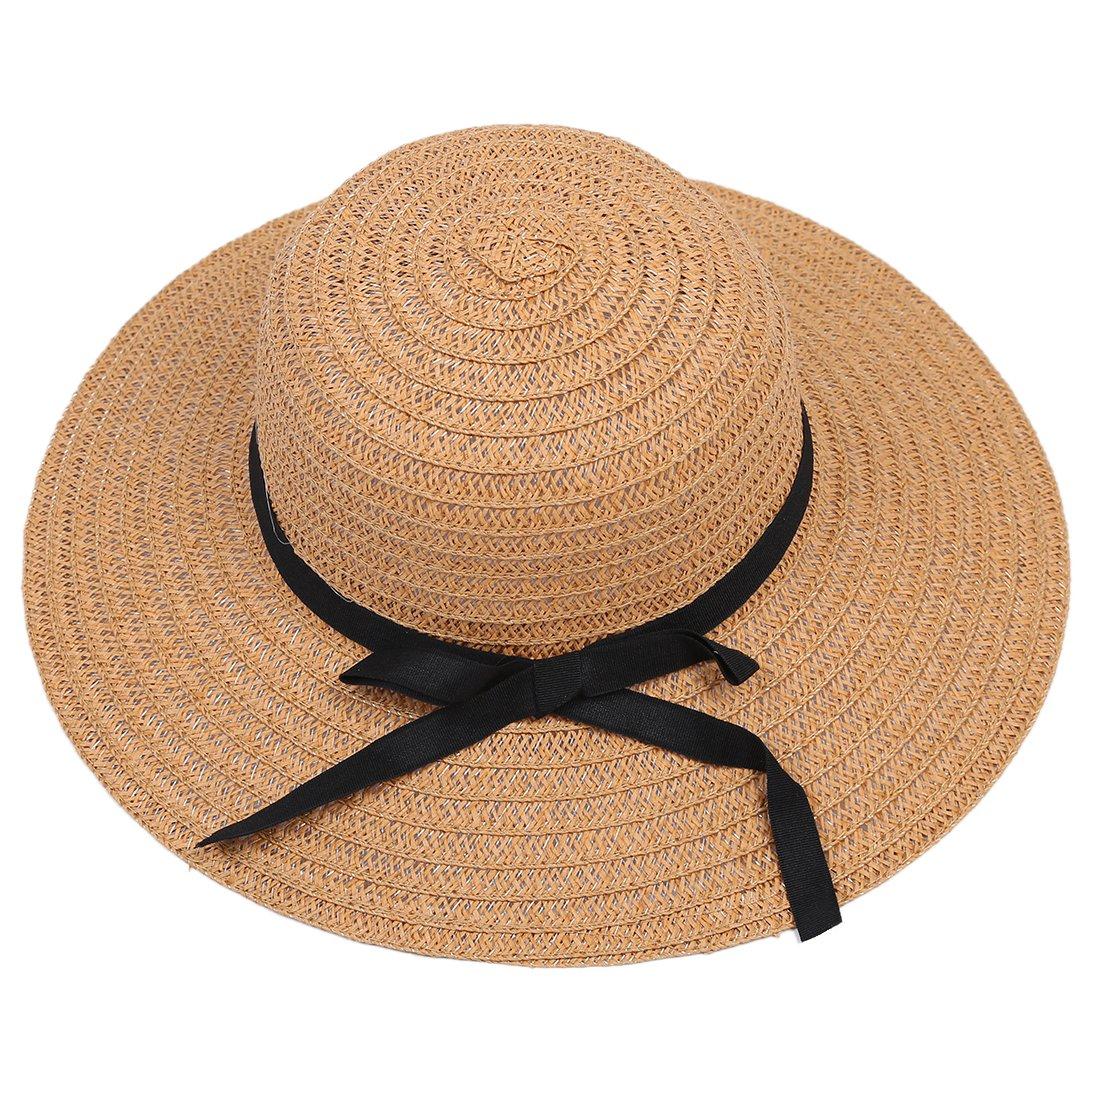 ALWLj Alta calidad de Moda Mujer Señoras Chic Amplios Brim de playa en  verano 8da1b1fa5fd